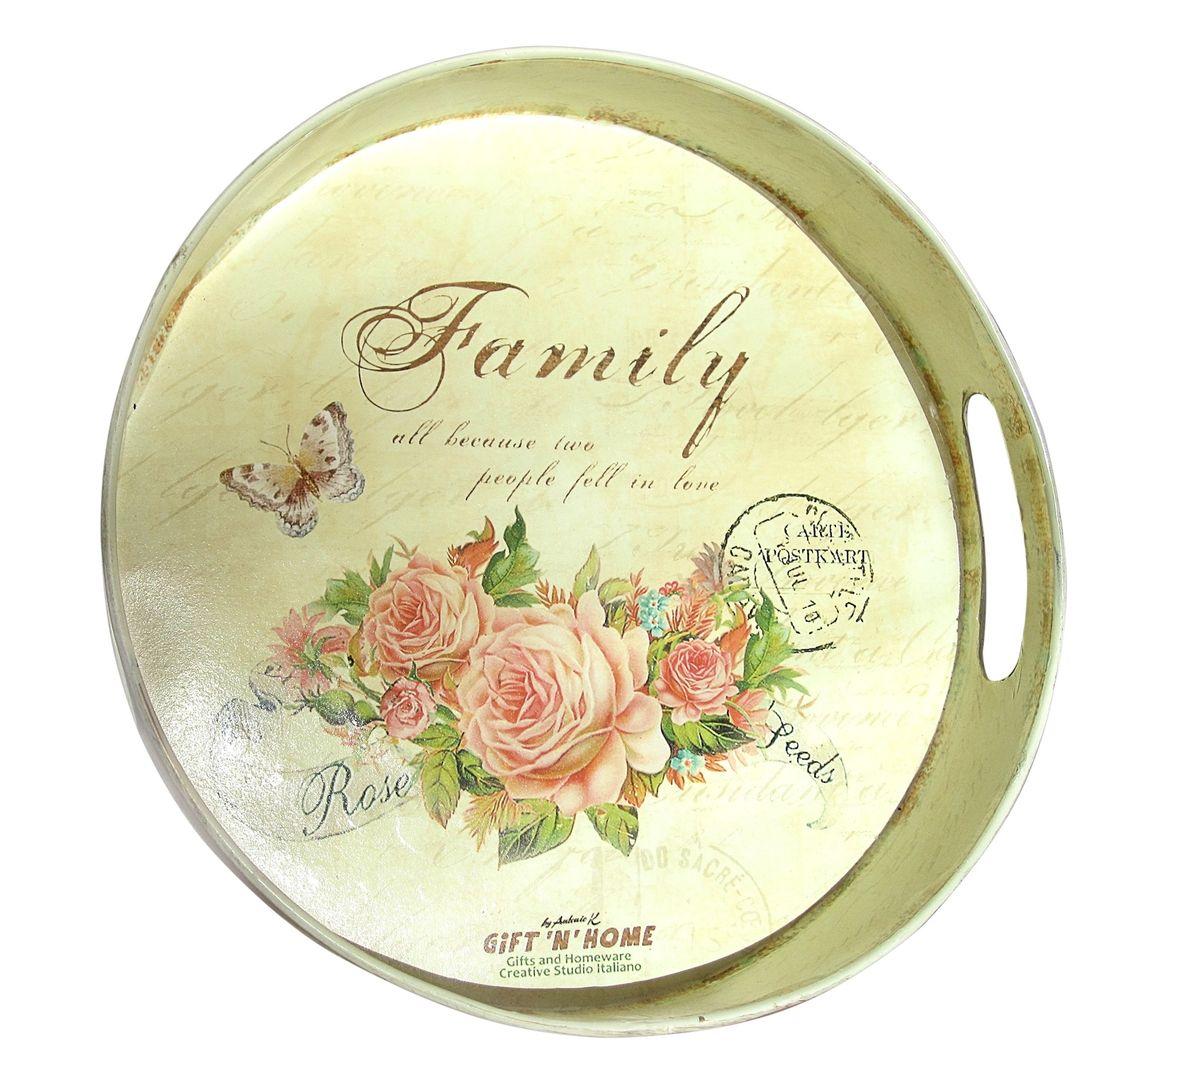 Поднос GiftnHome Моя семья, диаметр 28 смМП-16-familyПоднос GiftnHome Моя семья изготовлен из жести и оформлен красочным цветочным рисунком в винтажном стиле. Декор выполнен в технике декупаж. Поднос оснащен высокими бортиками и удобными ручками-прорезями. Может использоваться как для сервировки, так и для декора кухни. Поднос прекрасно дополнит интерьер и добавит в обычную обстановку нотки романтики и изящества. Диаметр: 28 см. Высота бортиков: 5,5 см.